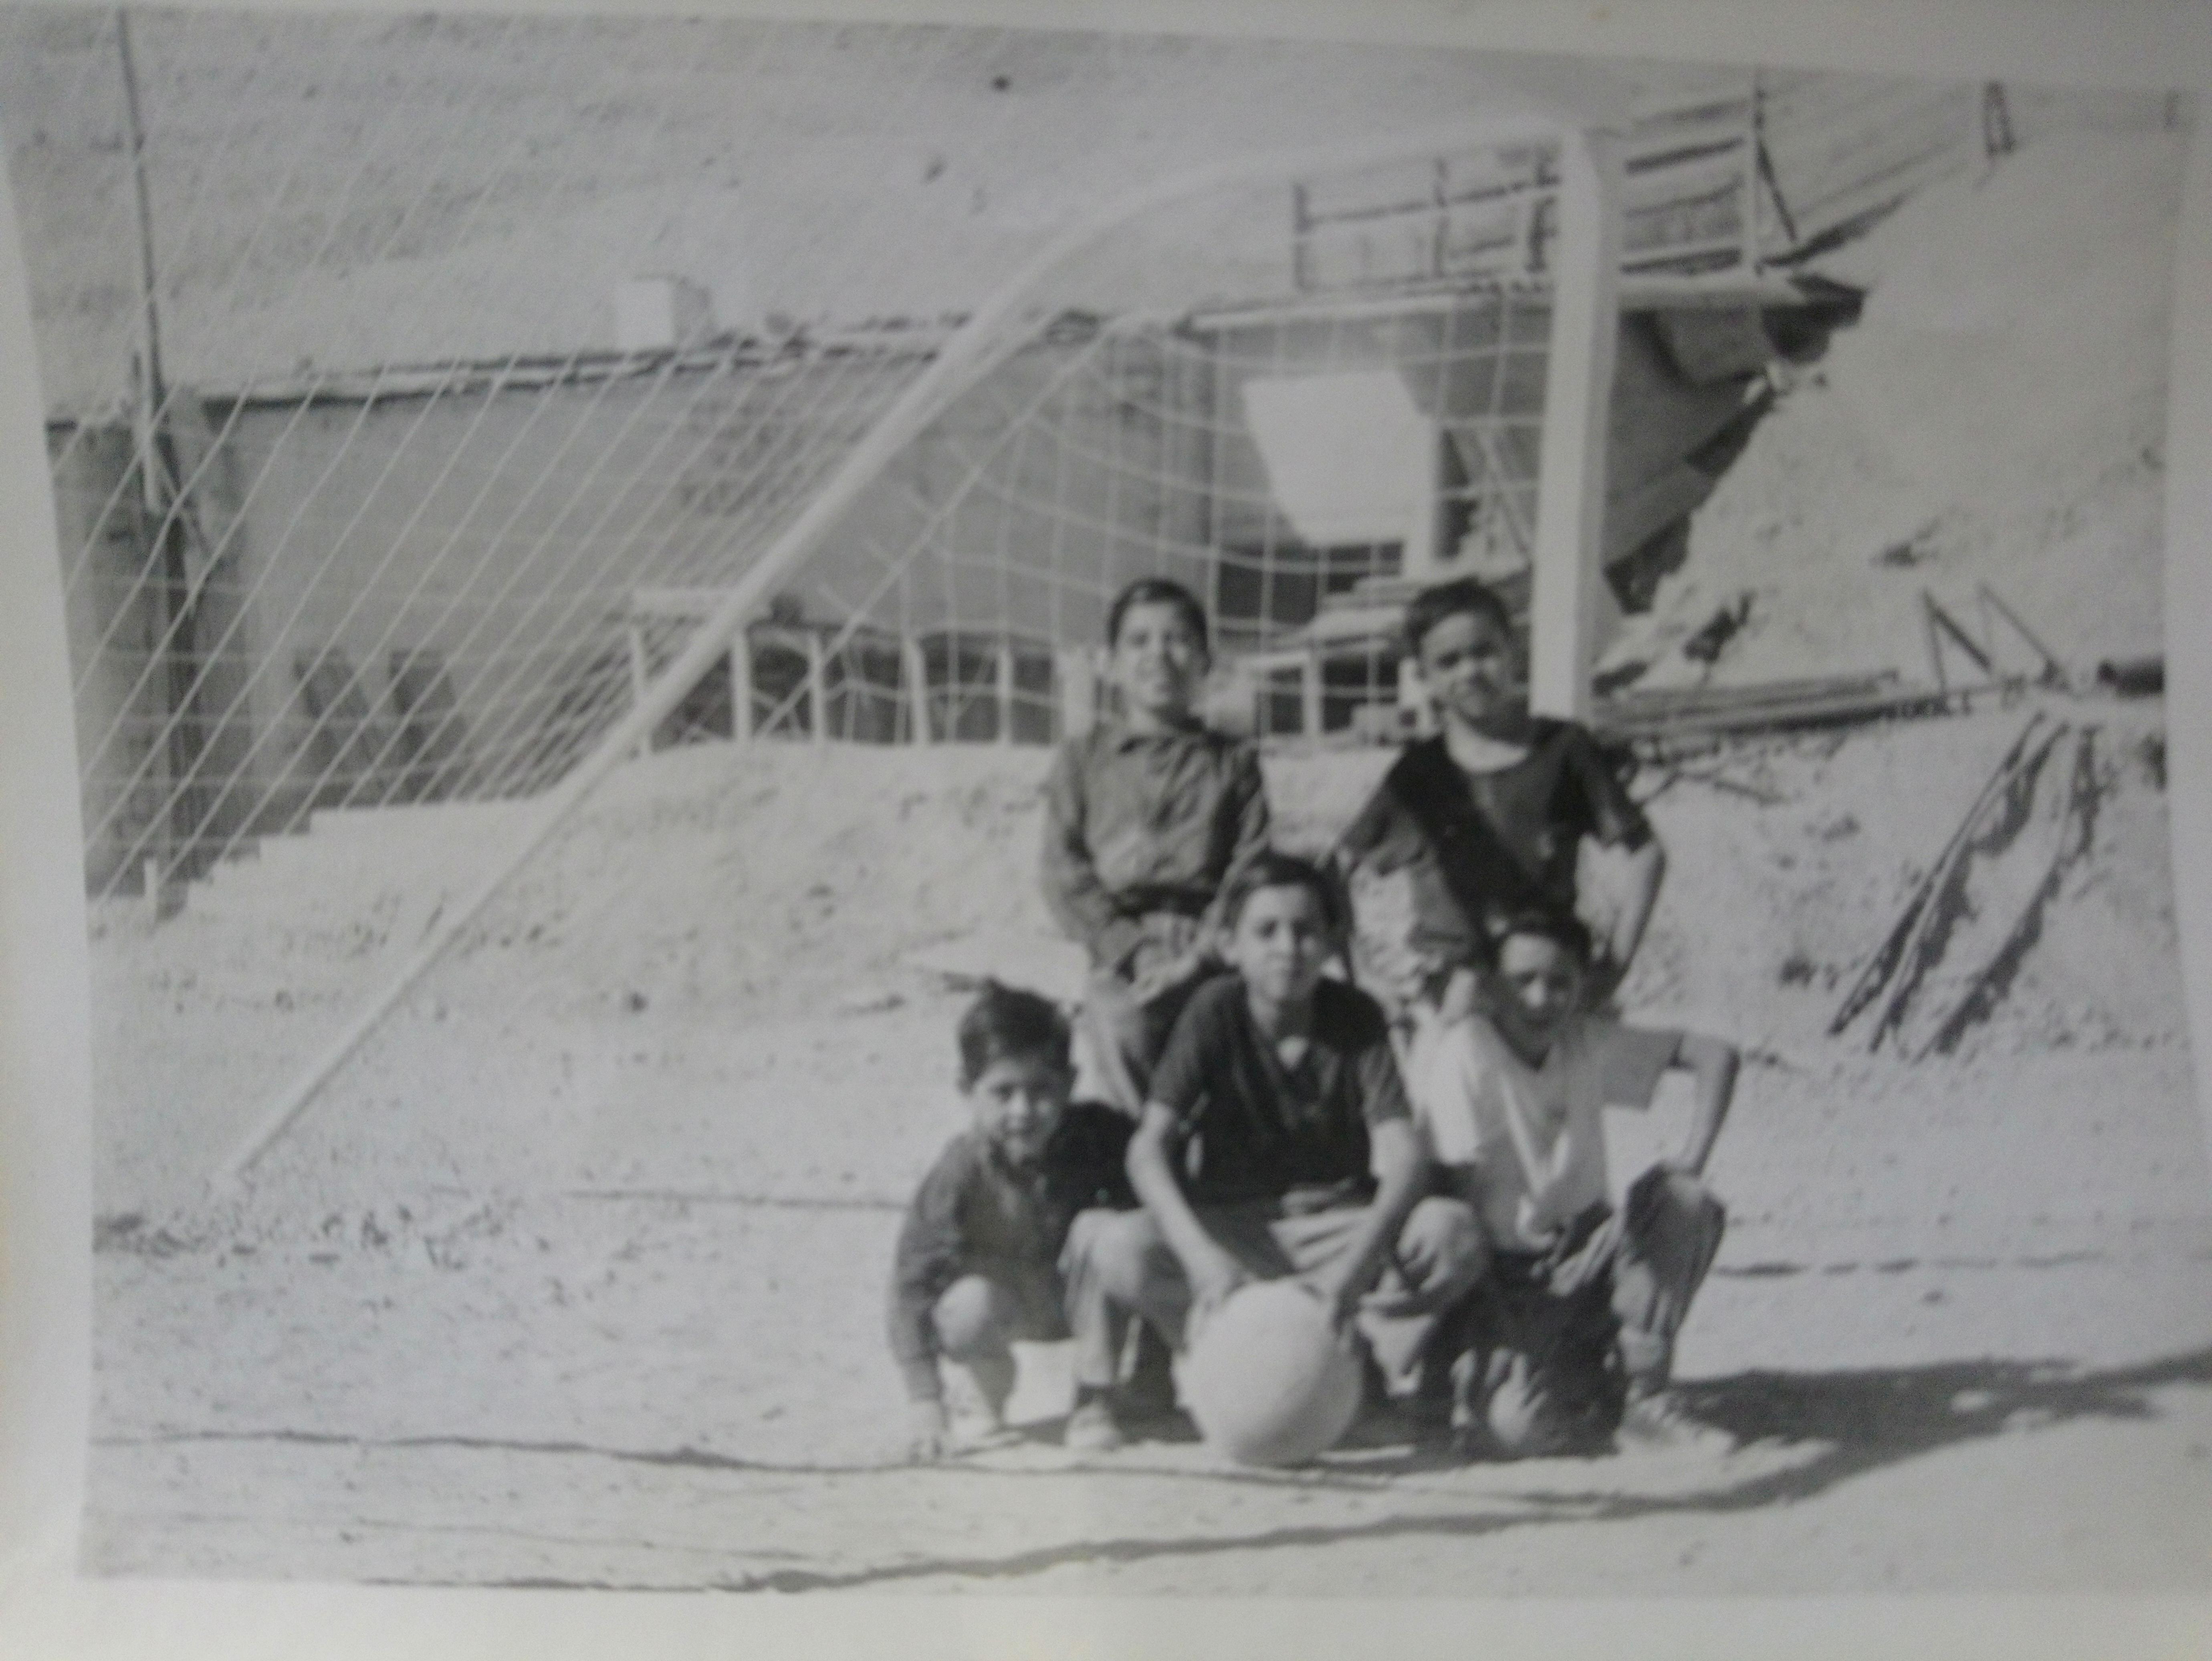 Enterreno - Fotos históricas de chile - fotos antiguas de Chile - Jugadores de Fútbol, Mina Disputada de Las Condes, 1968